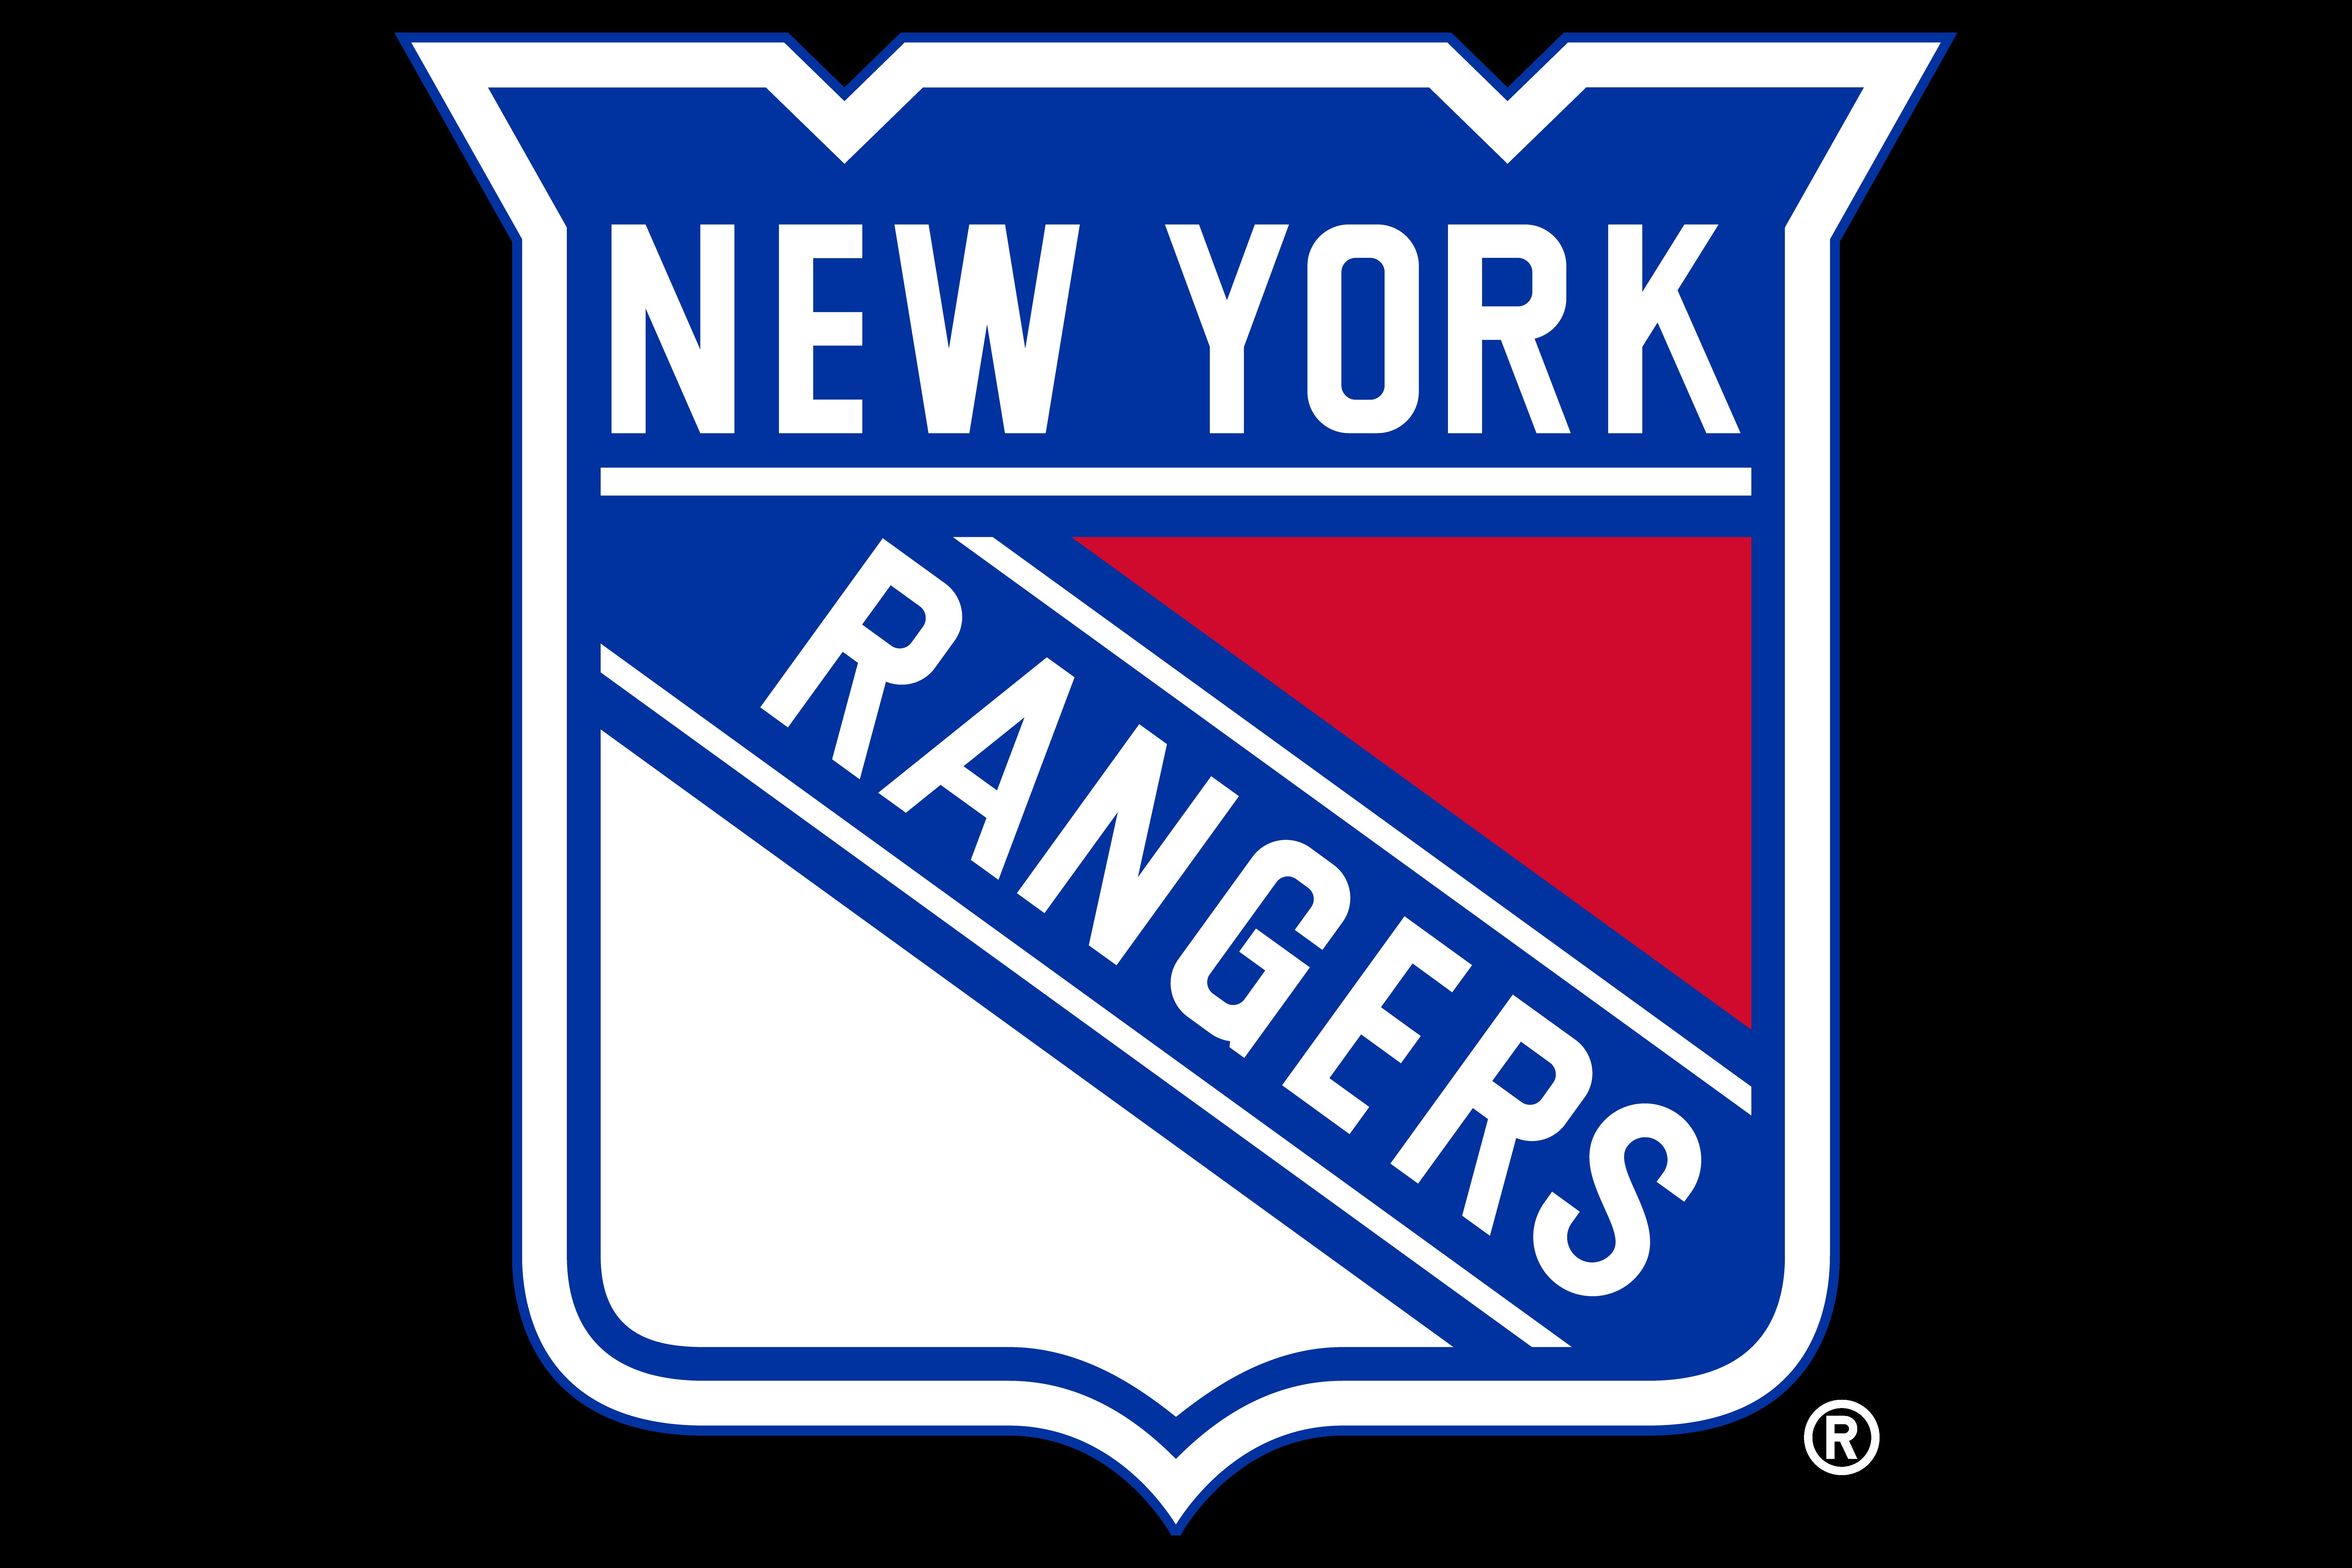 New York Rangers Computer Wallpapers Desktop Backgrounds 8000x5333